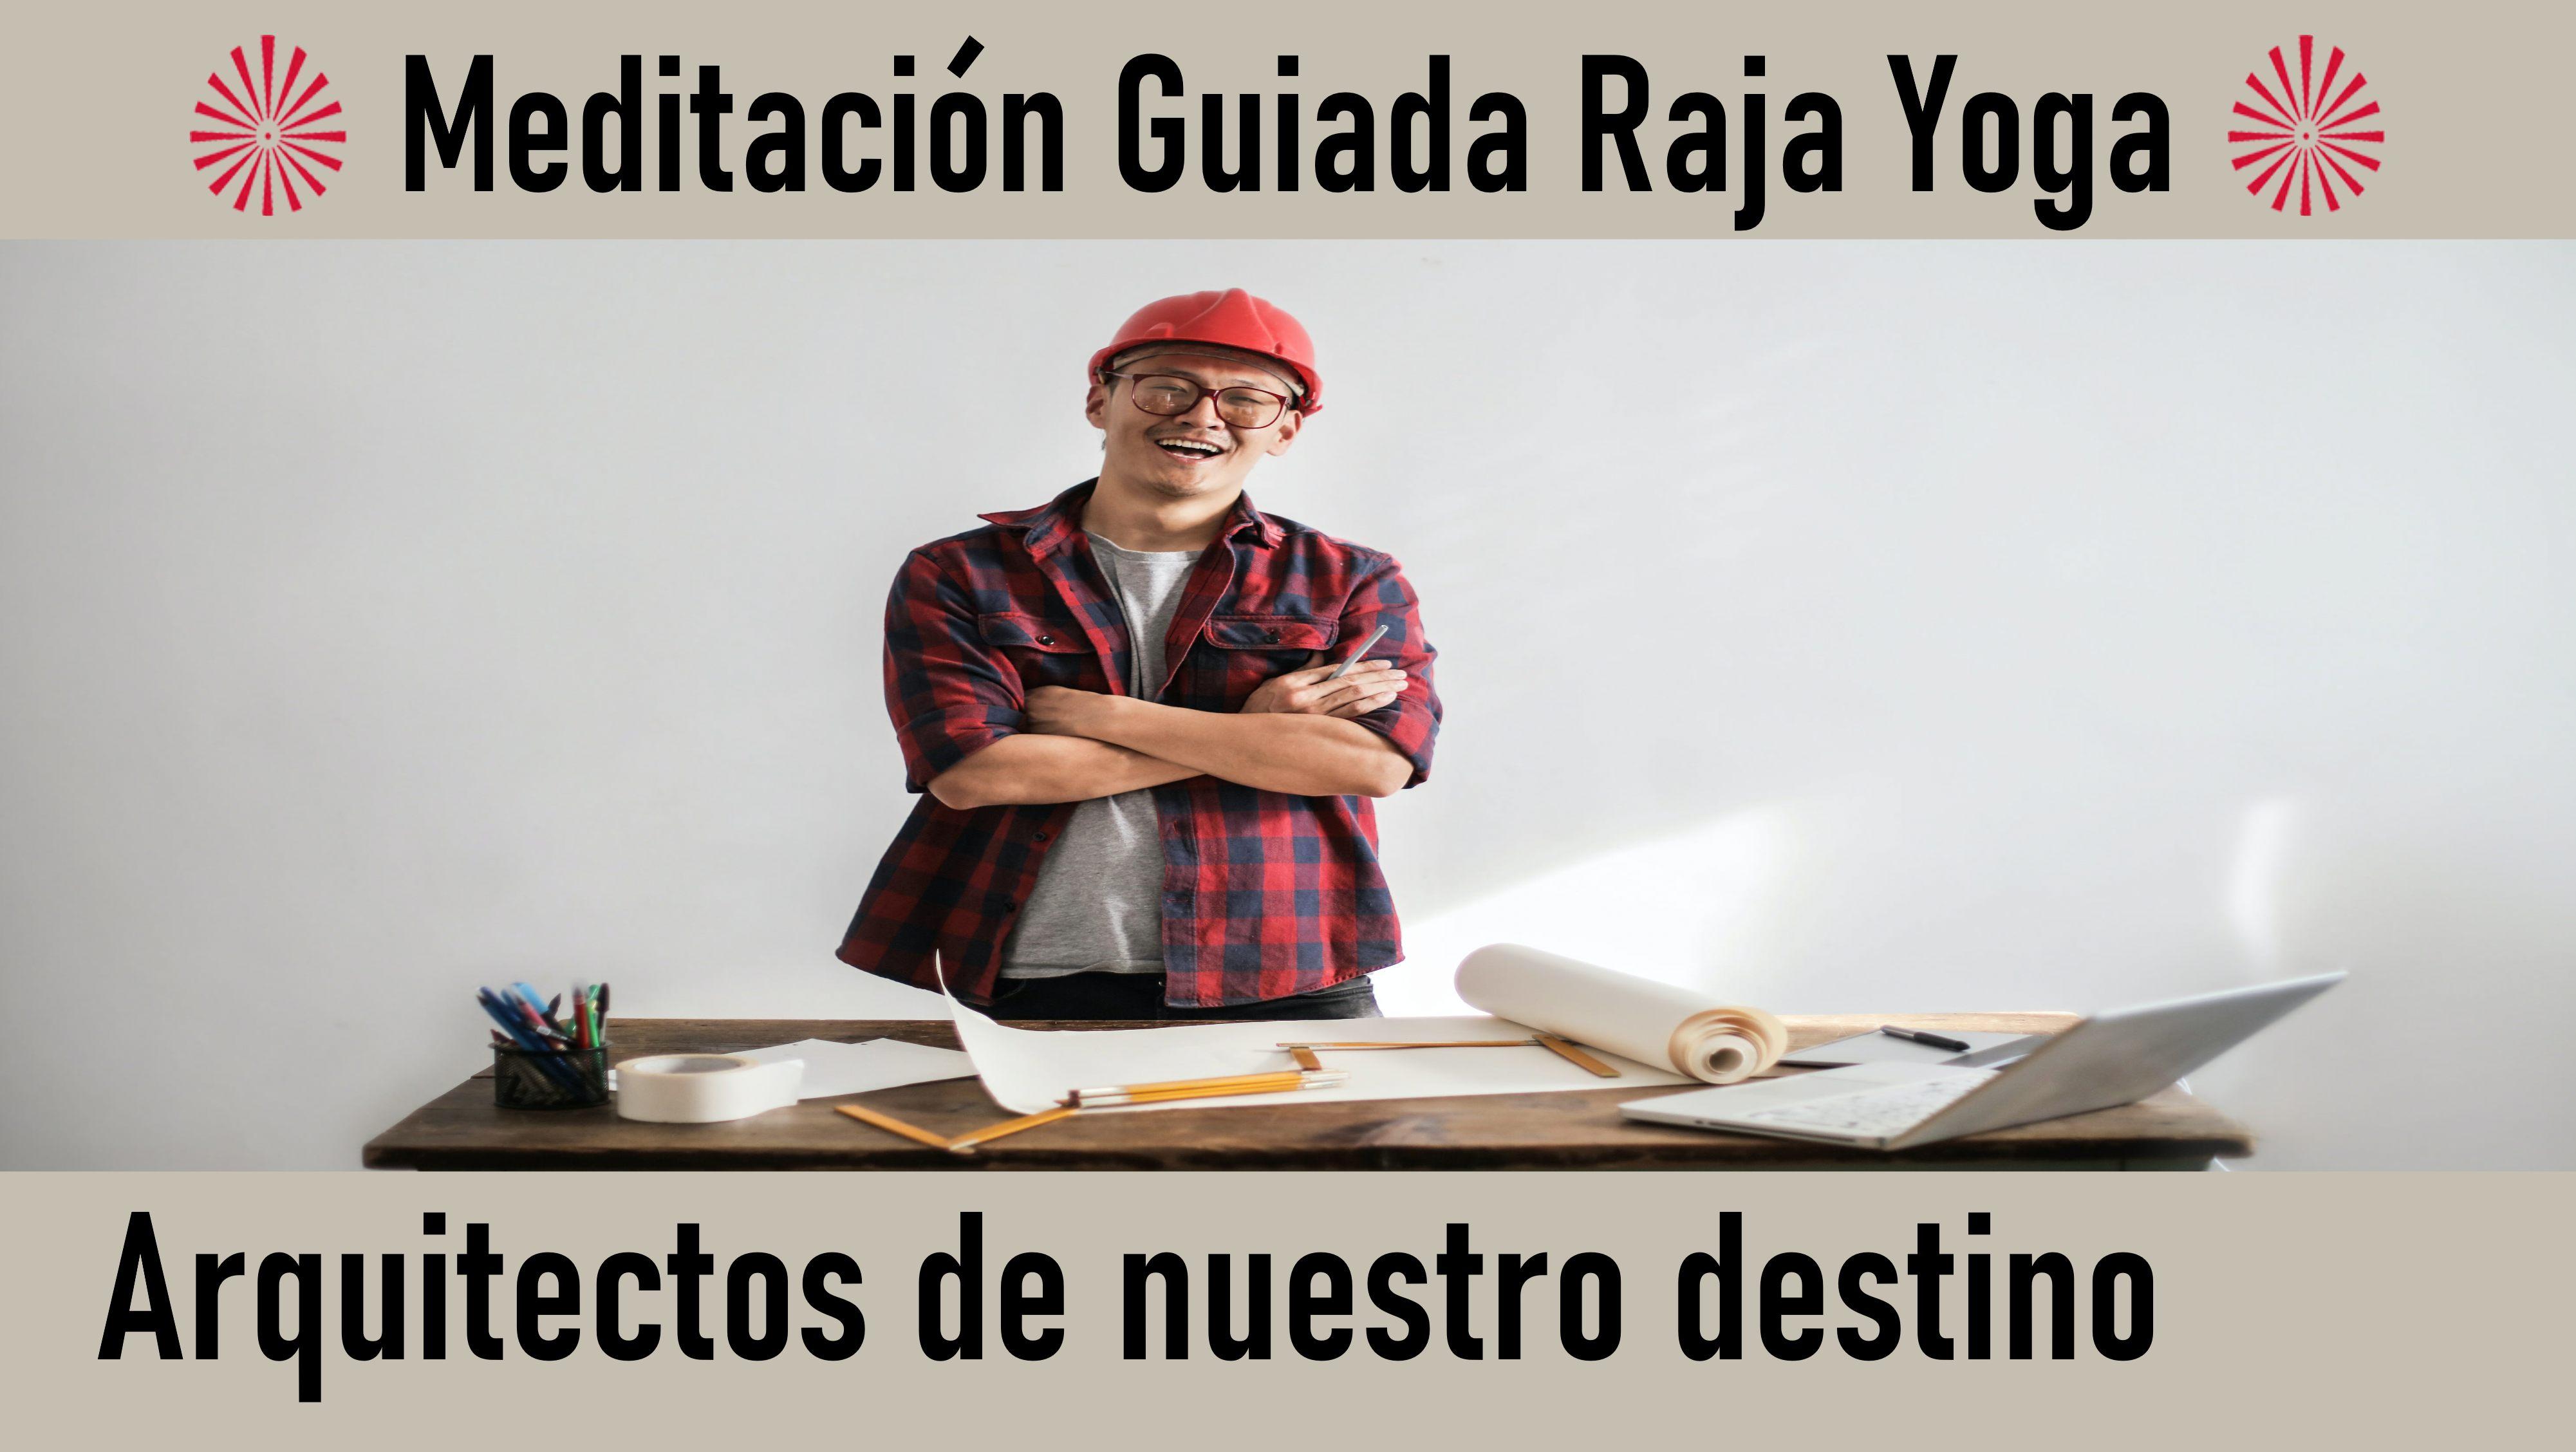 Meditación Raja Yoga: Arquitectos de nuestro destino (11 Septiembre 2020) On-line desde Barcelona